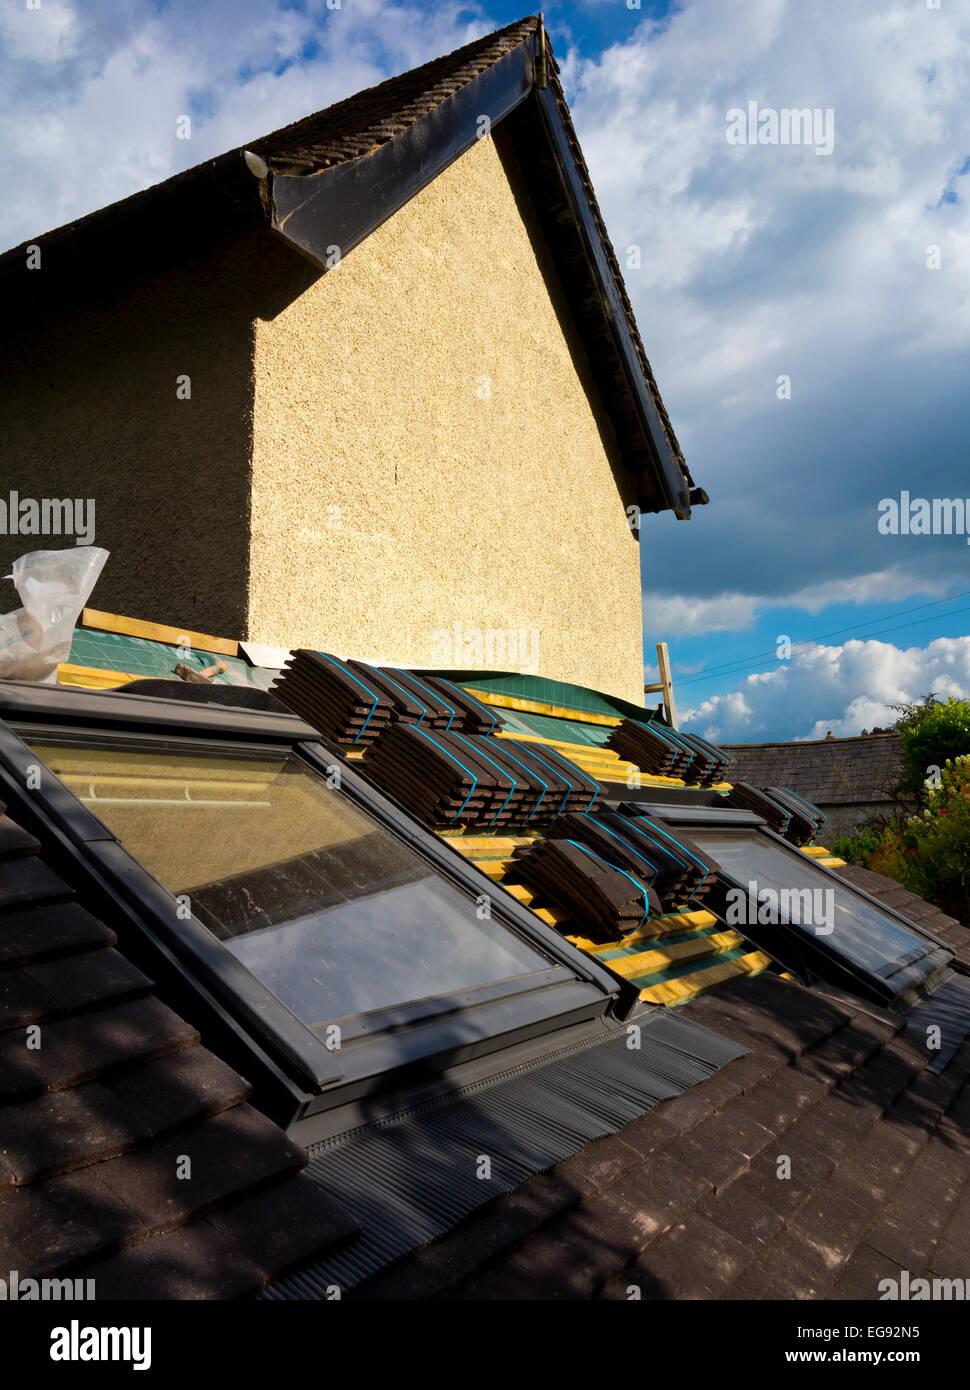 Finestra Sul Tetto Nome finestre di tetto velux immagini e fotos stock - alamy